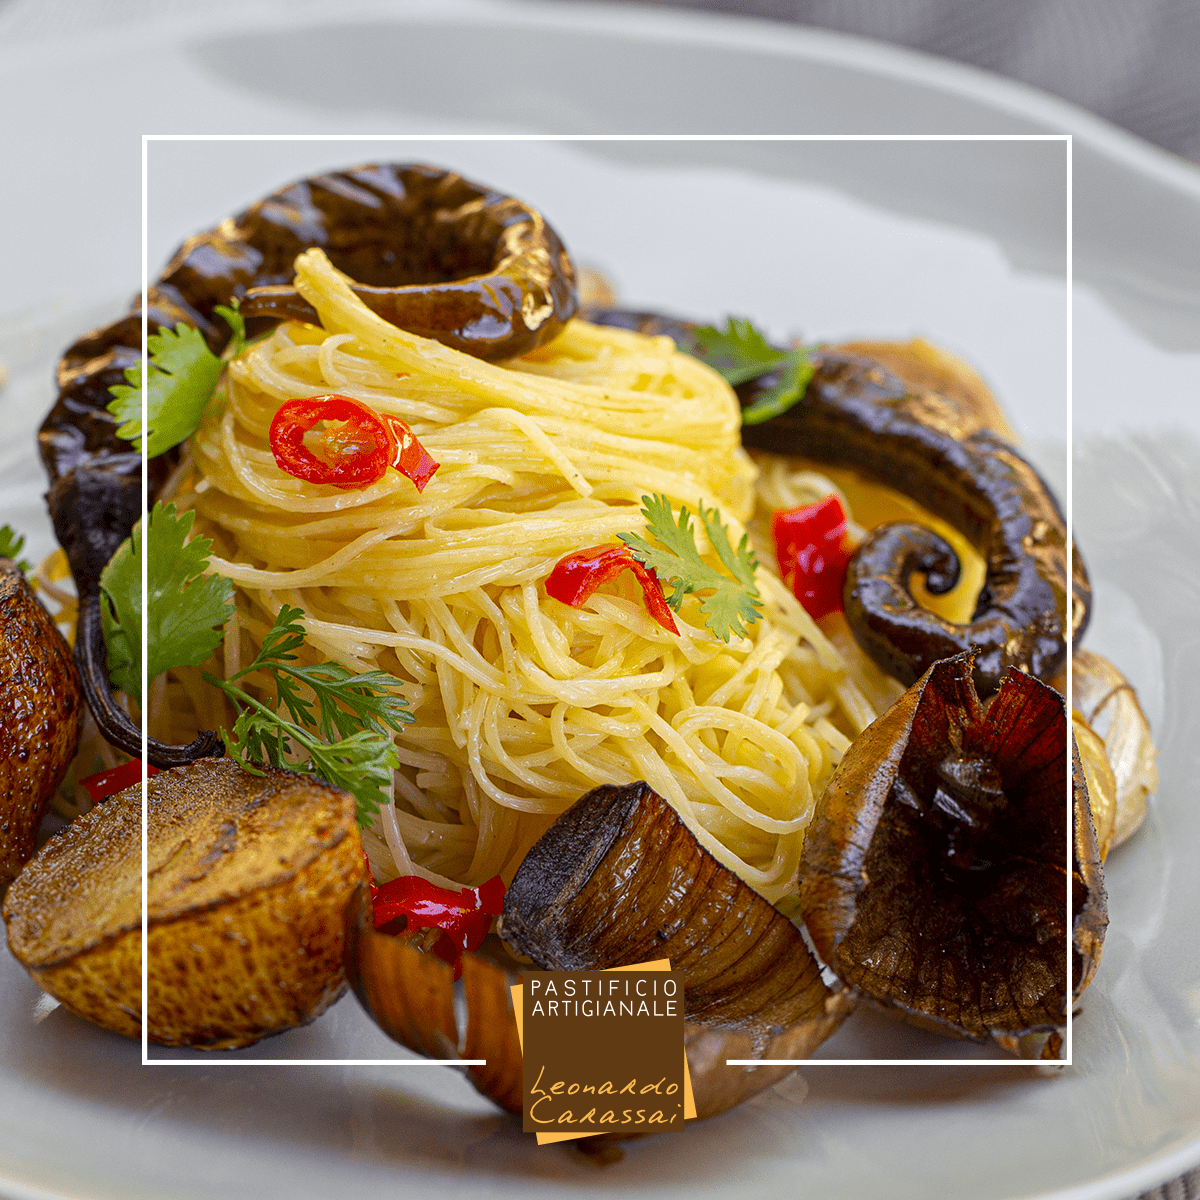 La ricetta con Maccheroncin di Campofilone aglio, olio e colatura di alici